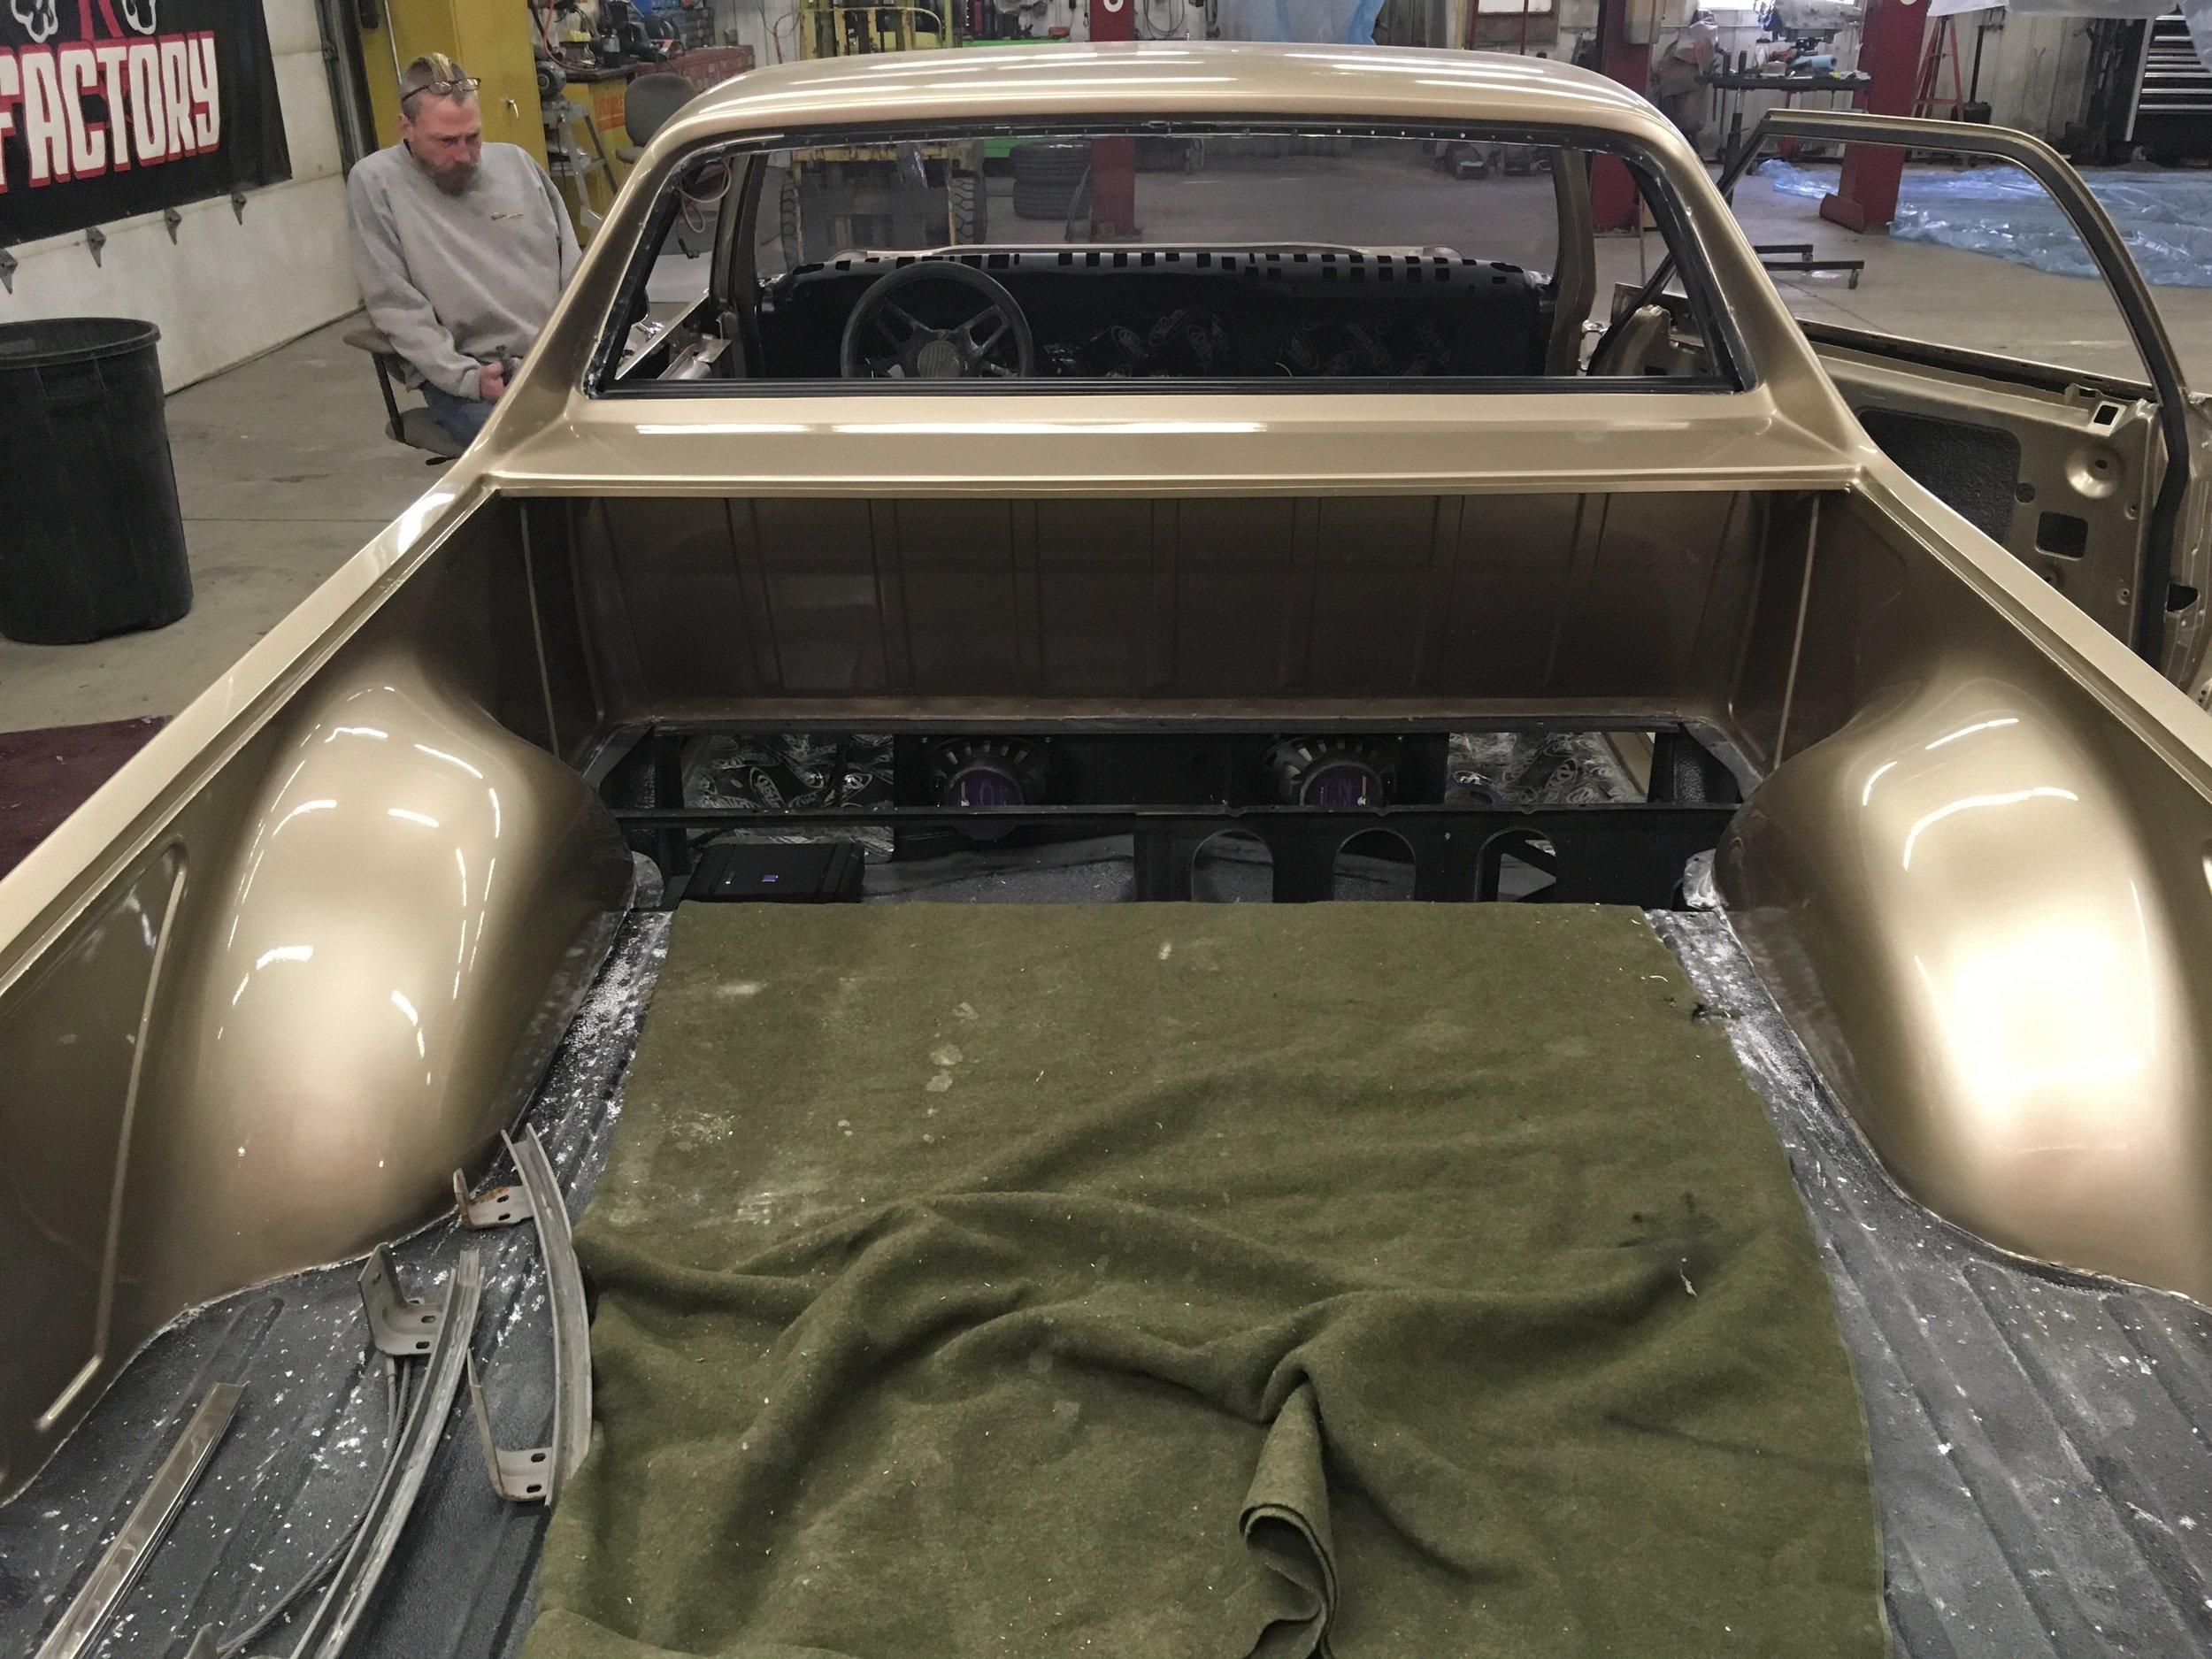 1968-El-Camino-minneapolis-hot-rod-restoration-custom-build-27.jpg